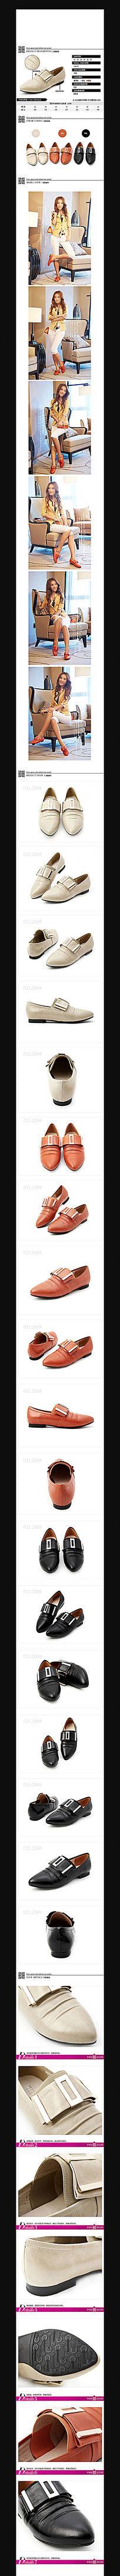 淘宝女士鞋详情页细节PSD素材模板